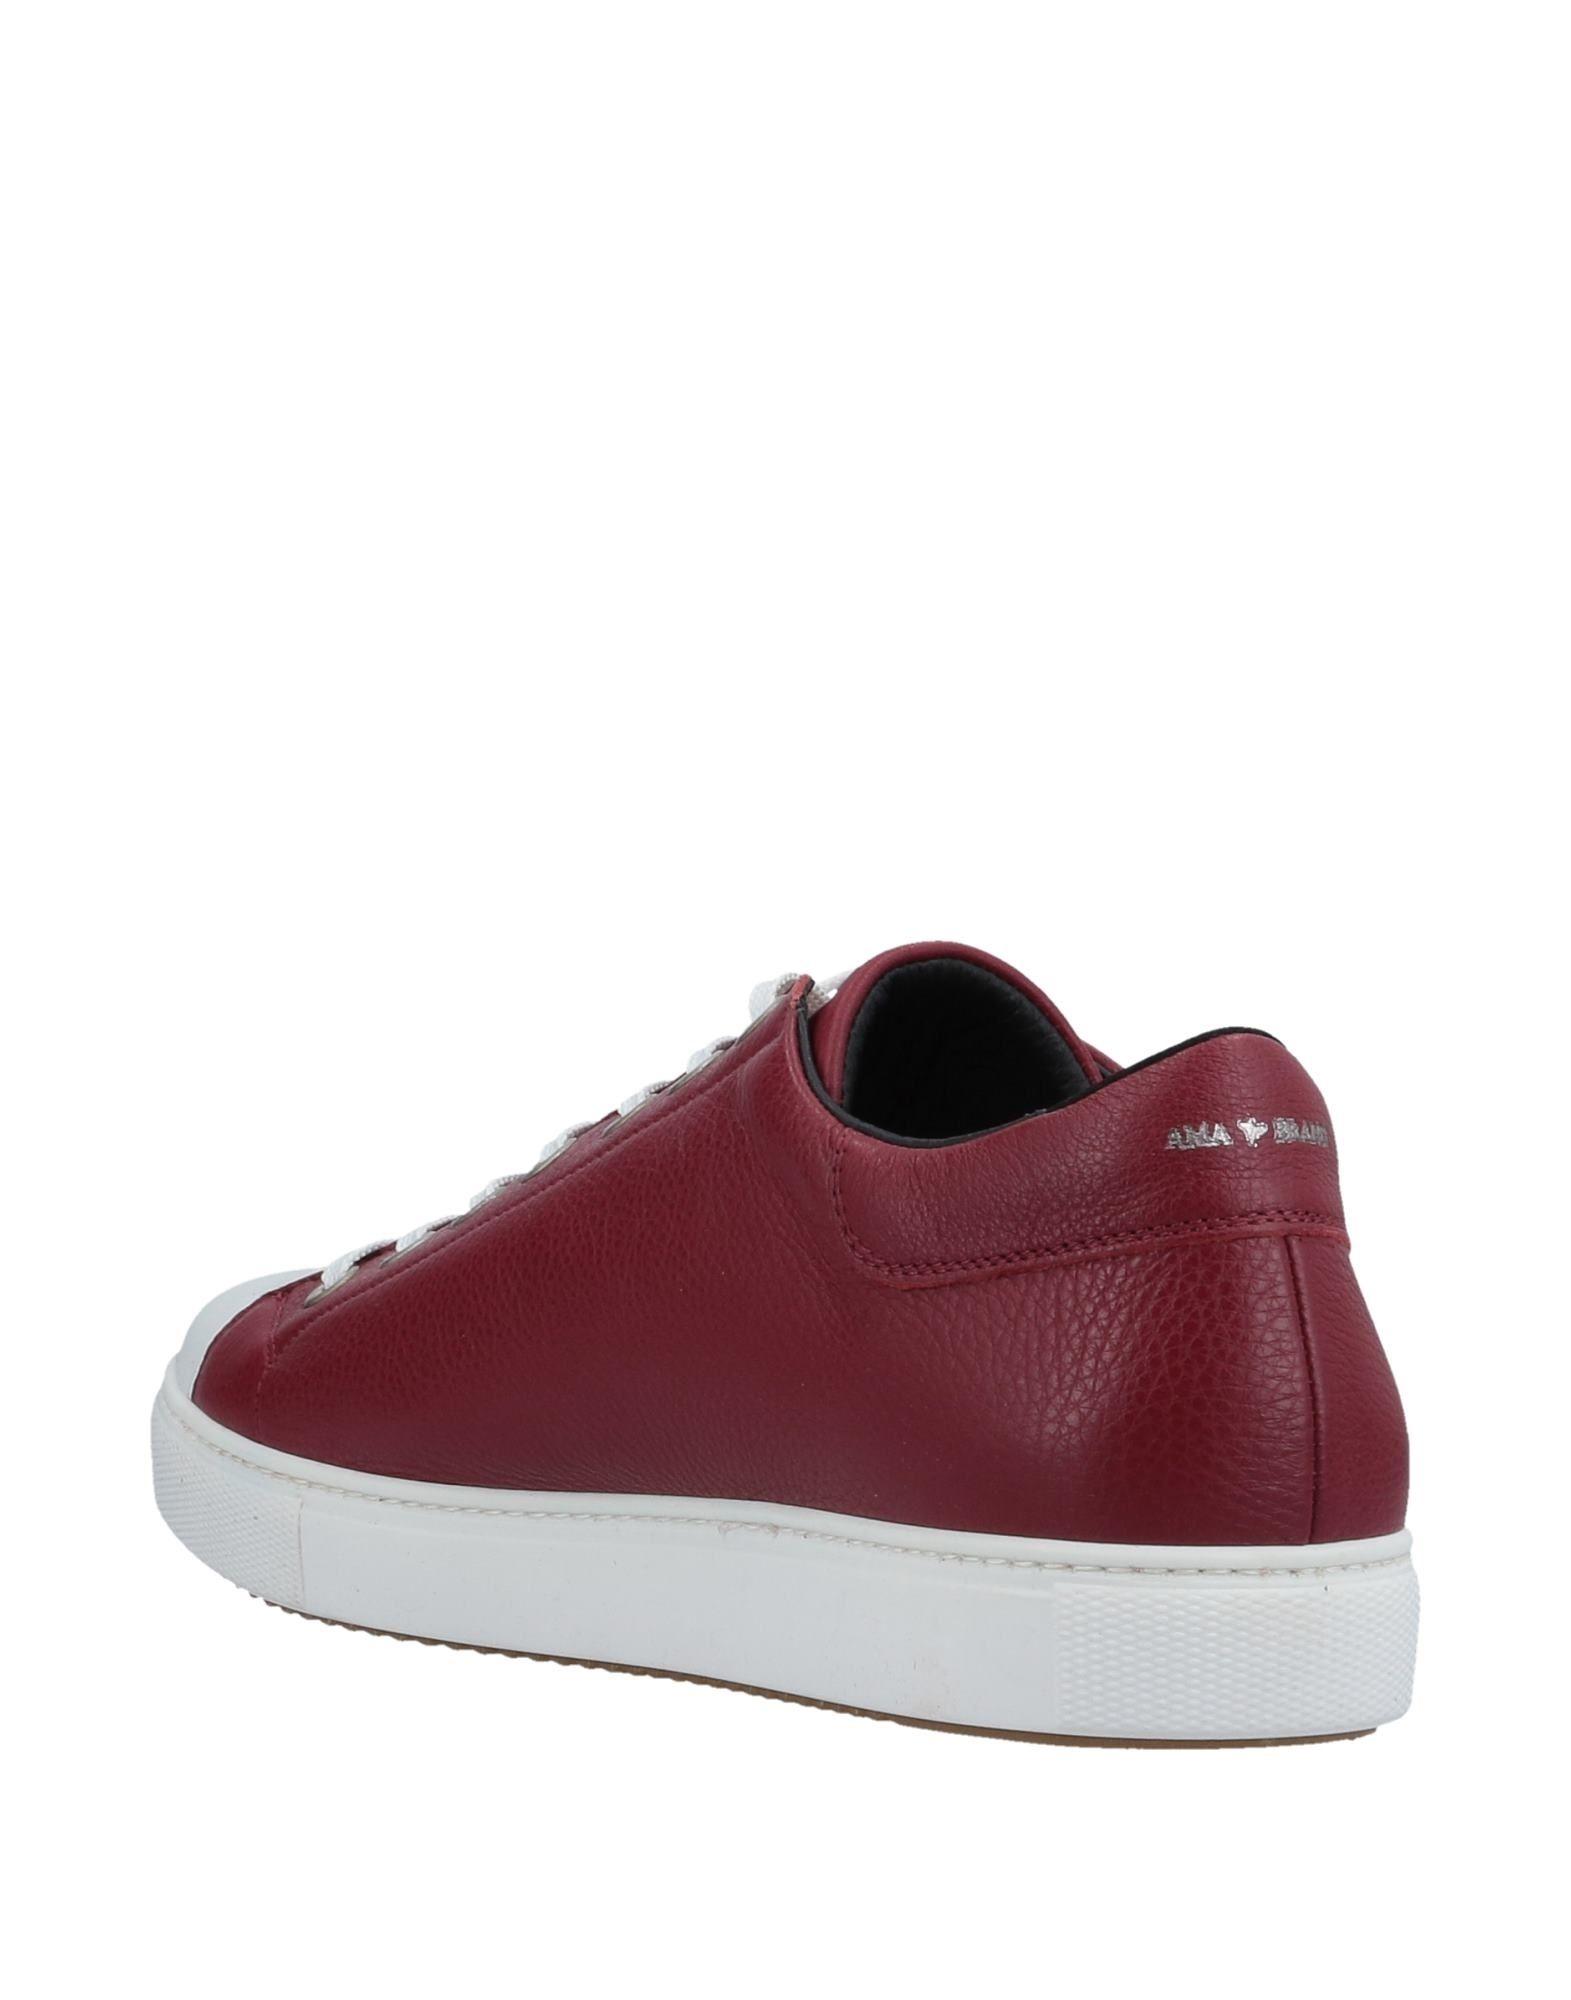 Rabatt echte Schuhe Tricker's Sneakers 11510592FM Herren  11510592FM Sneakers 083427